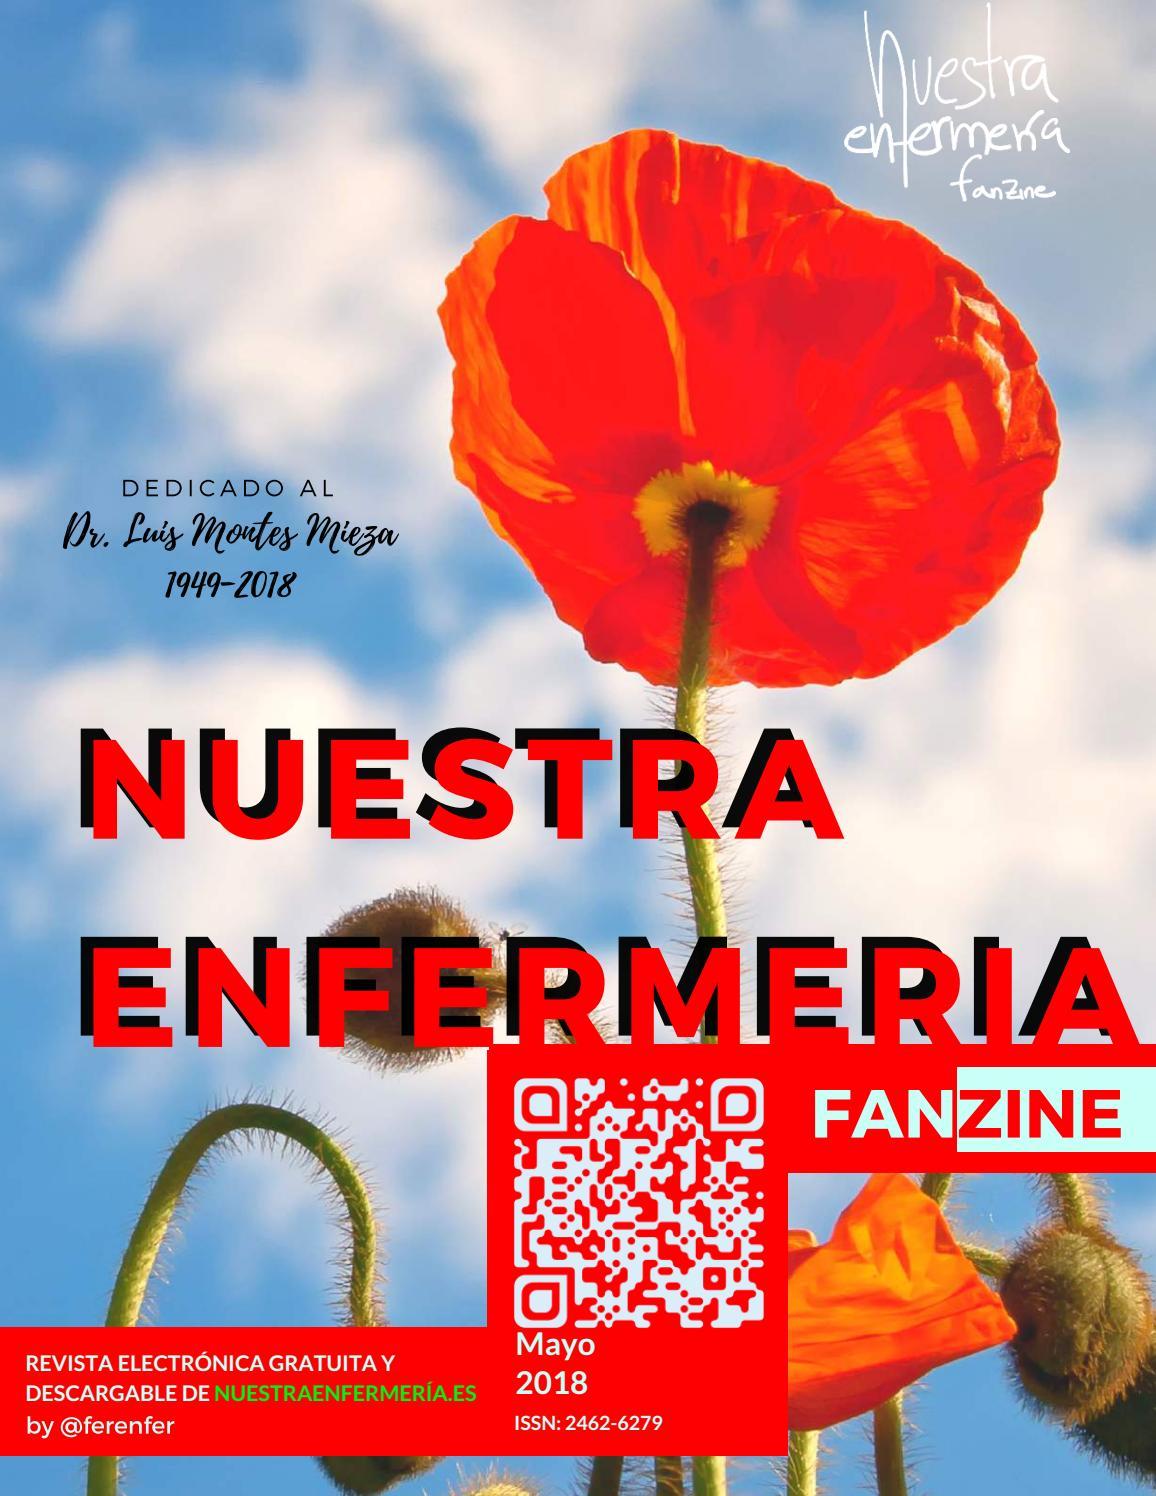 Fanzine Enfermería mayo 2018 by Nuestra Enfermería Fanzine - issuu